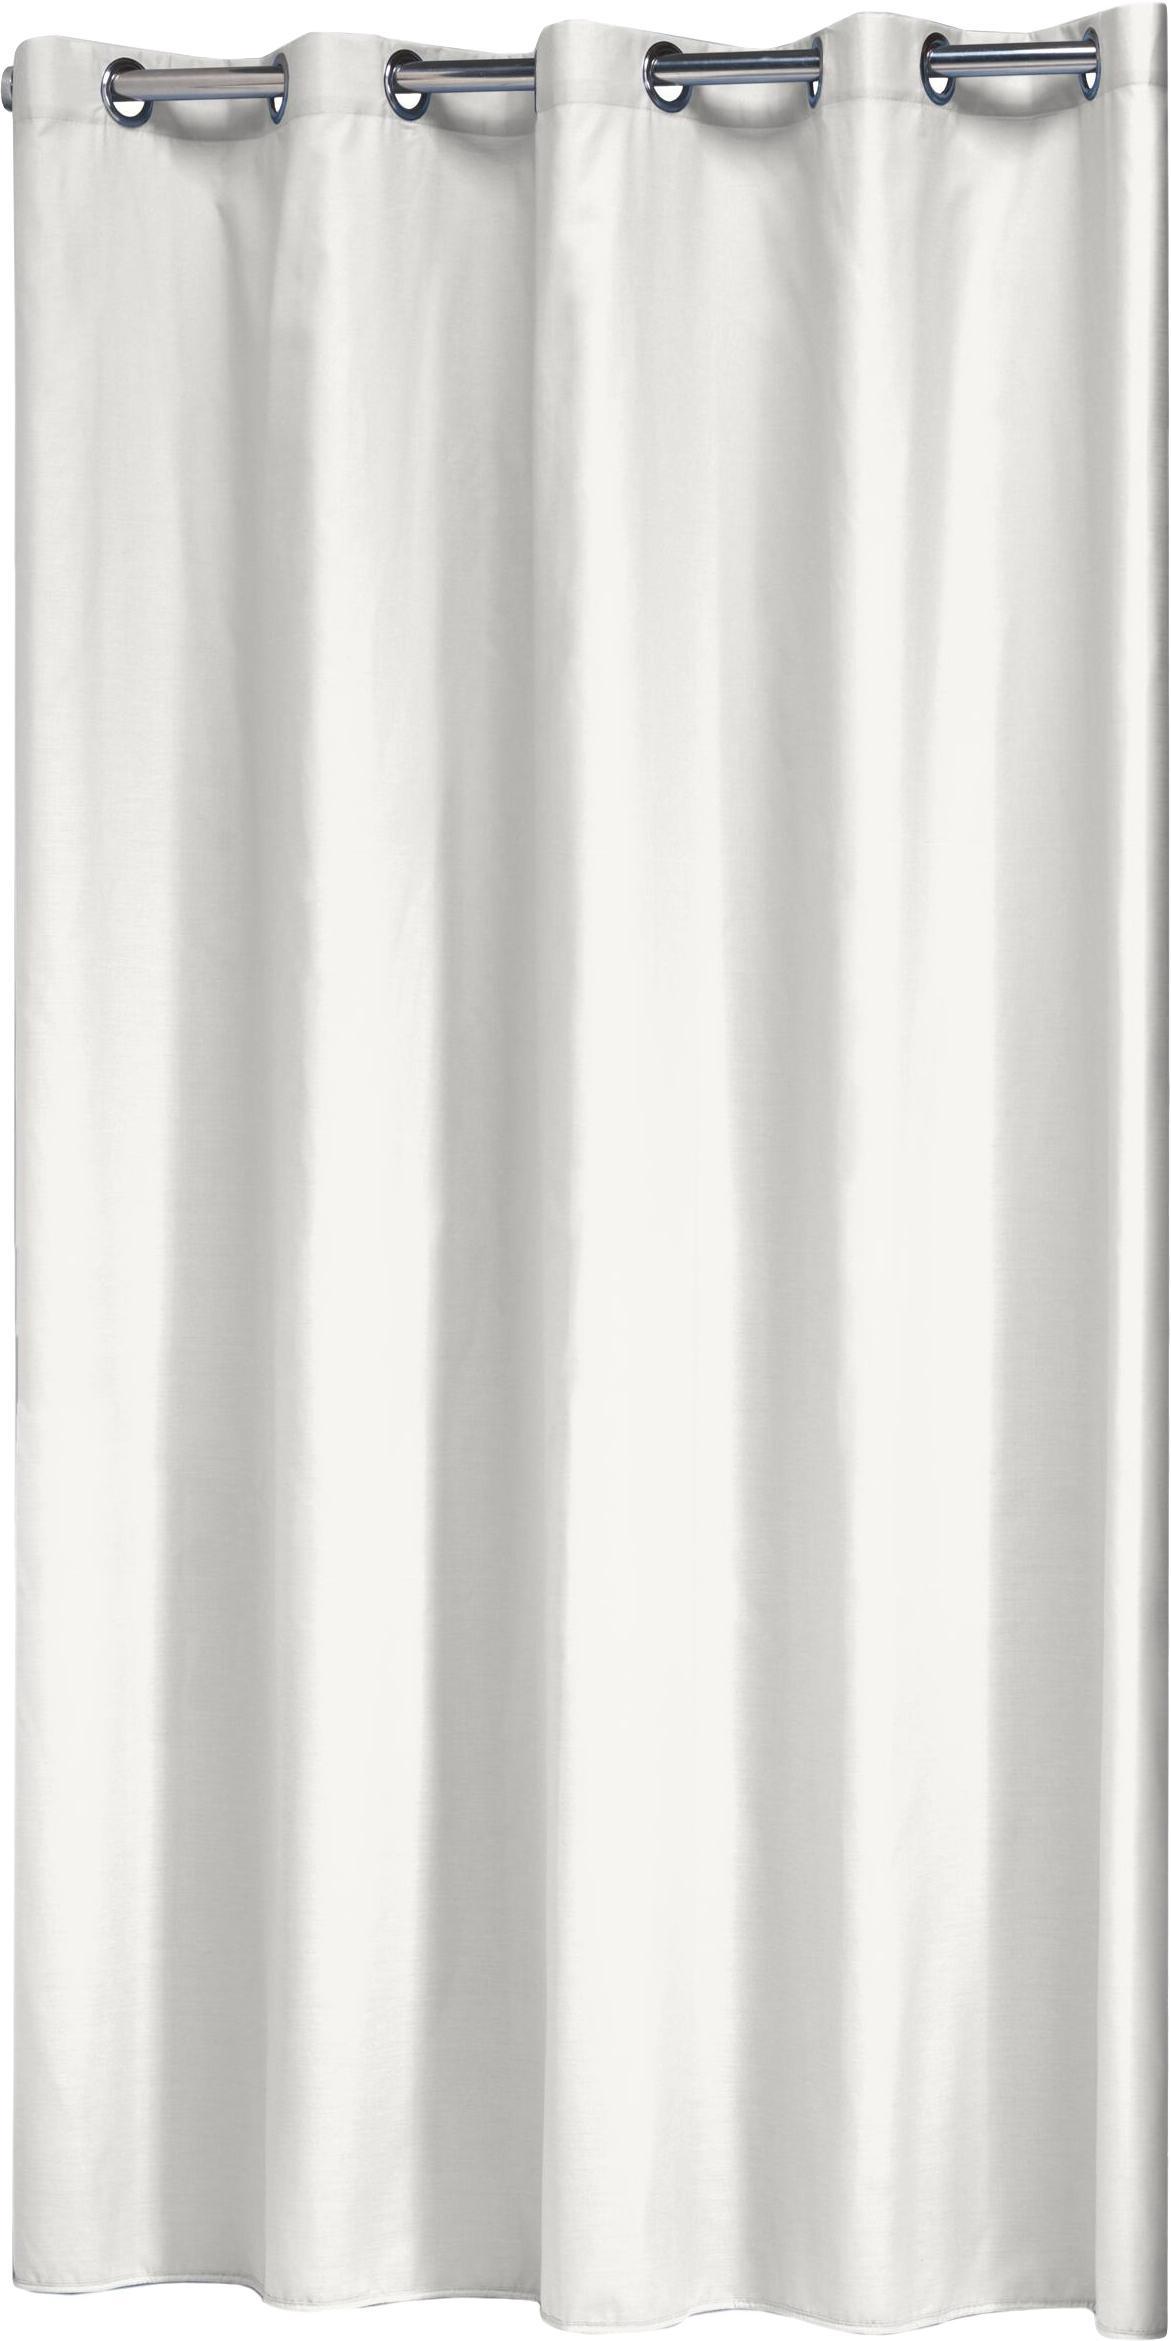 Duschvorhang Coloris aus Baumwoll-Mix, Gebrochenes Weiss, 180 x 200 cm